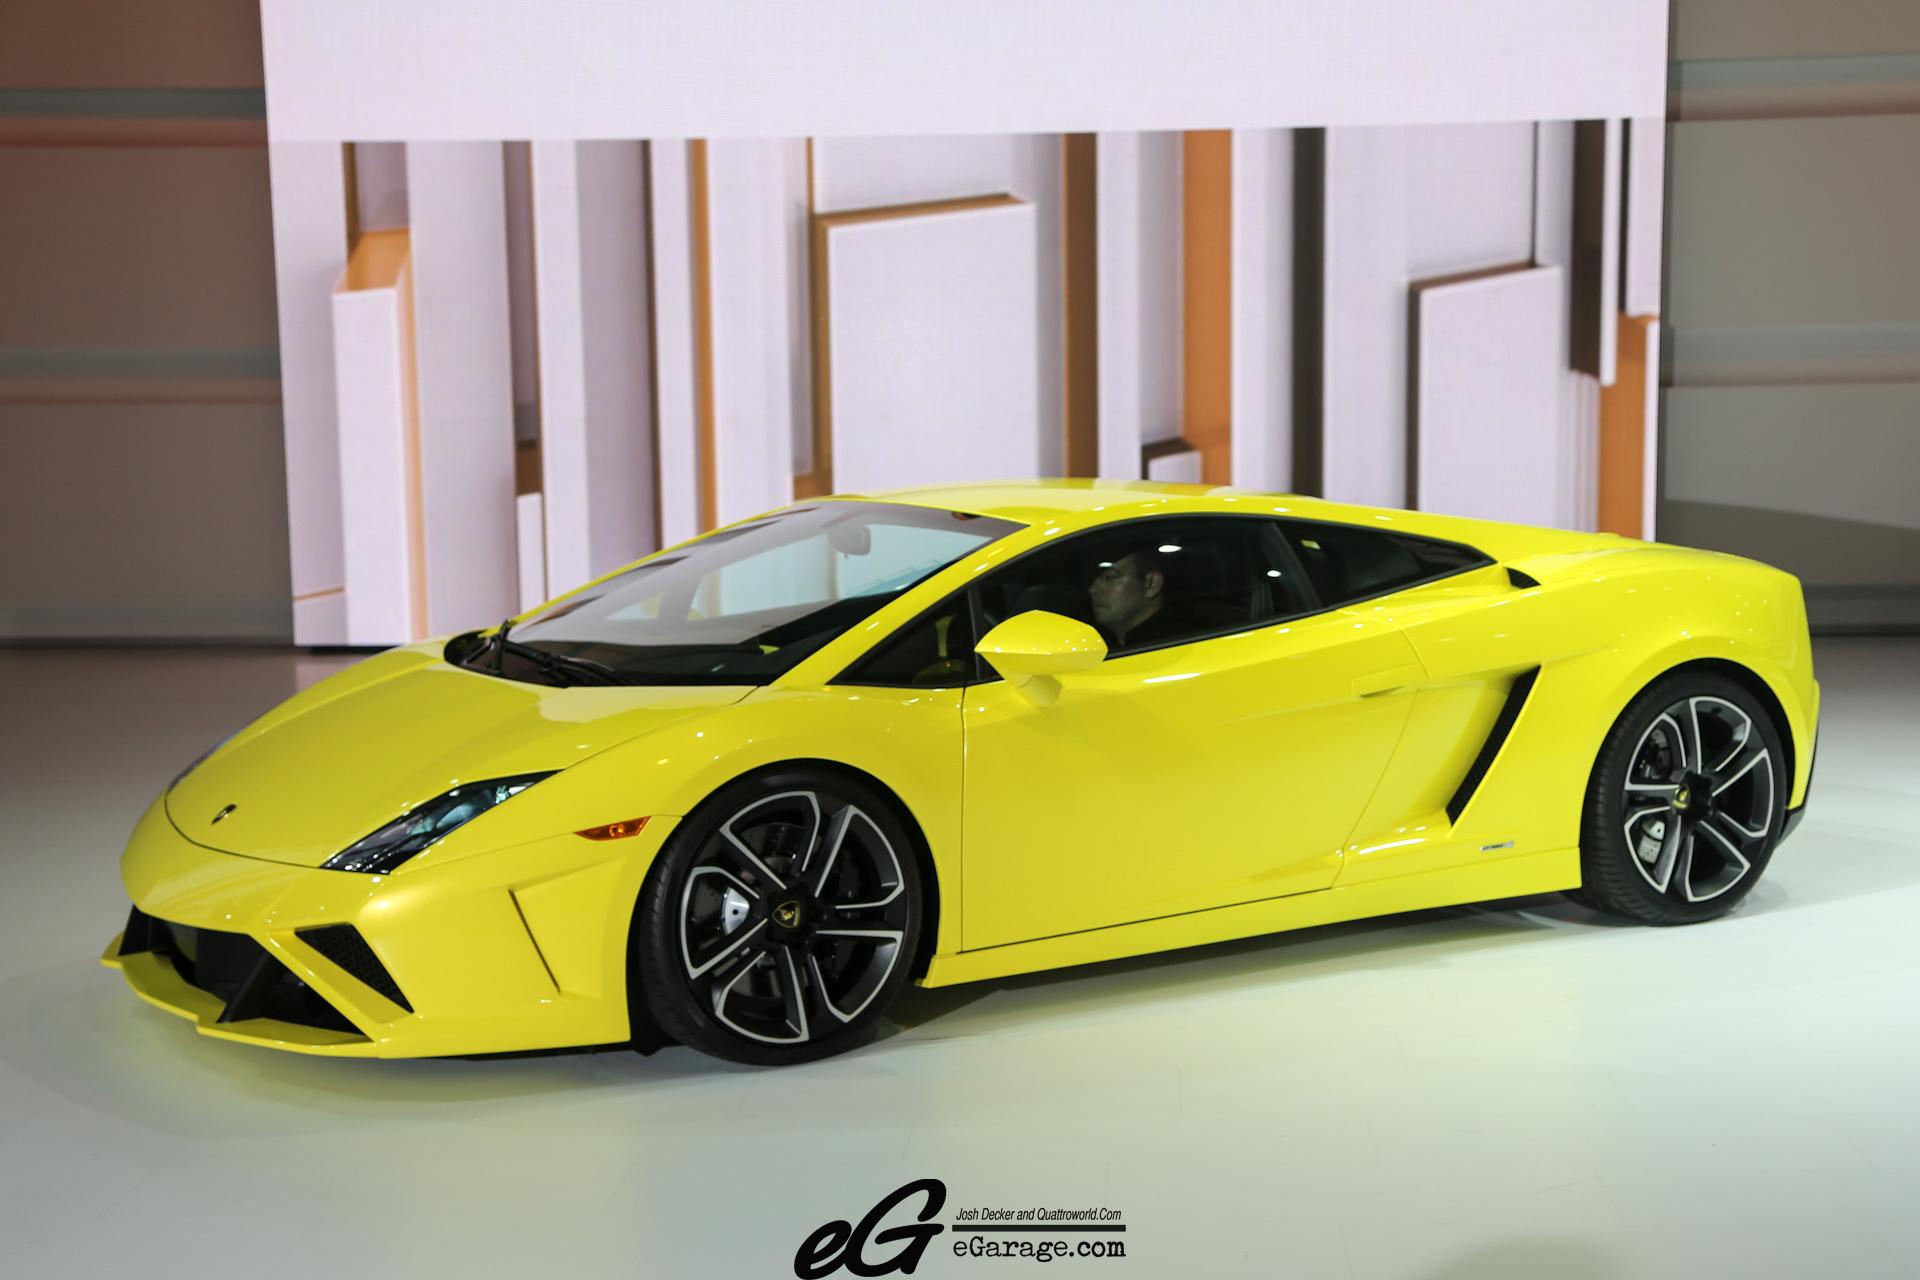 8030377292 723c4b8a00 o 2012 Paris Motor Show